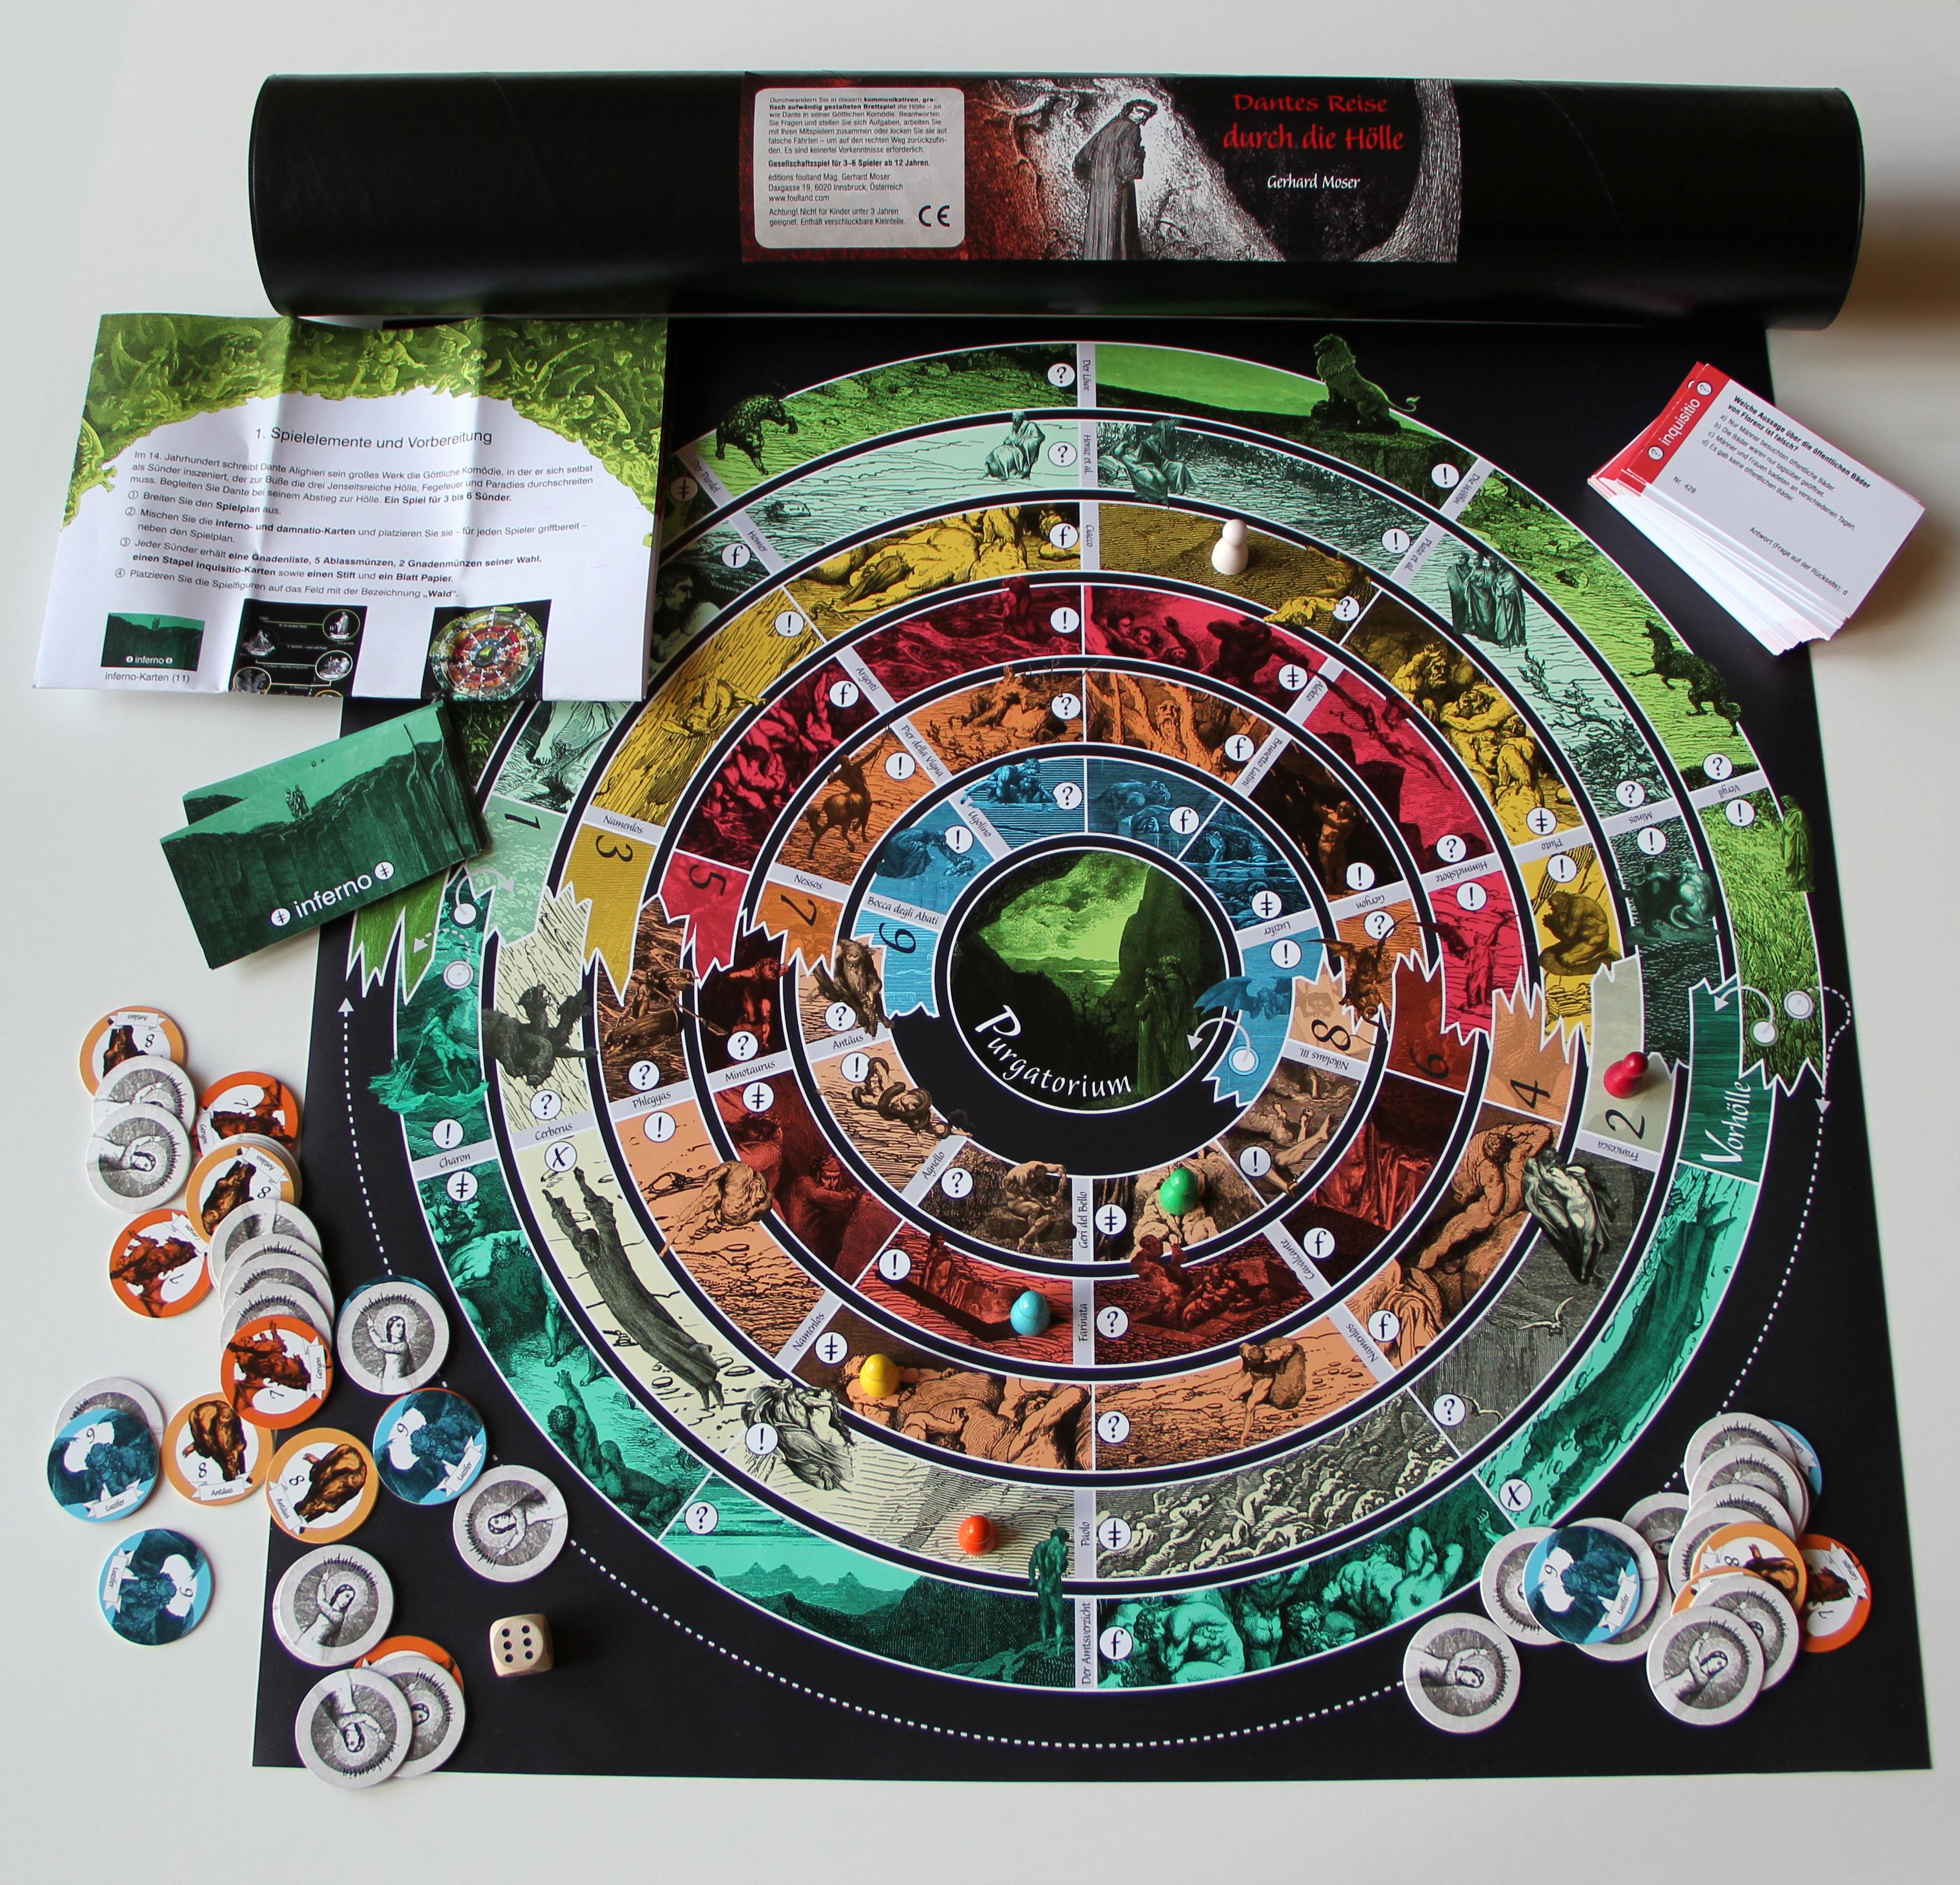 dantes-reise-spieltz-spielplan-mit-verpackung-IMG_9509_retusch